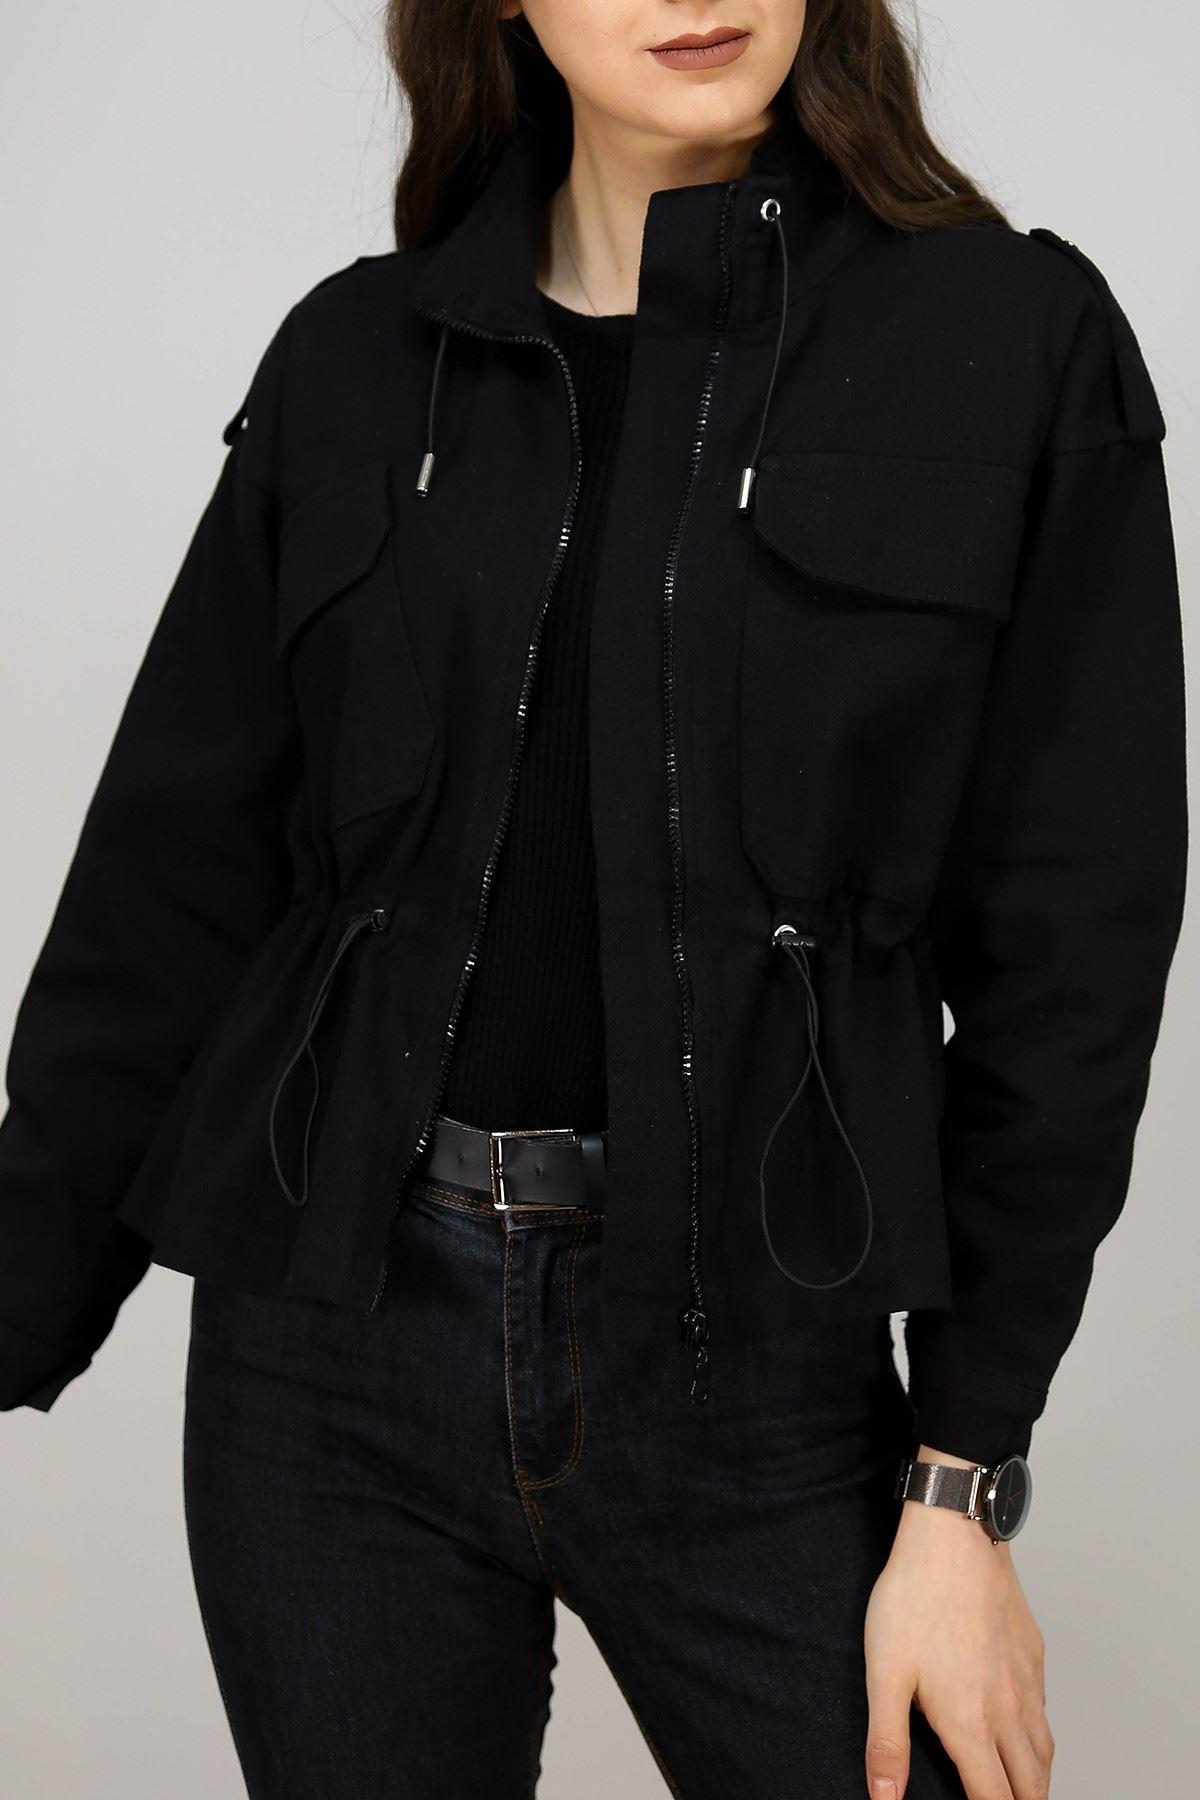 Apoletli Kot Ceket Siyah - 4984.240.